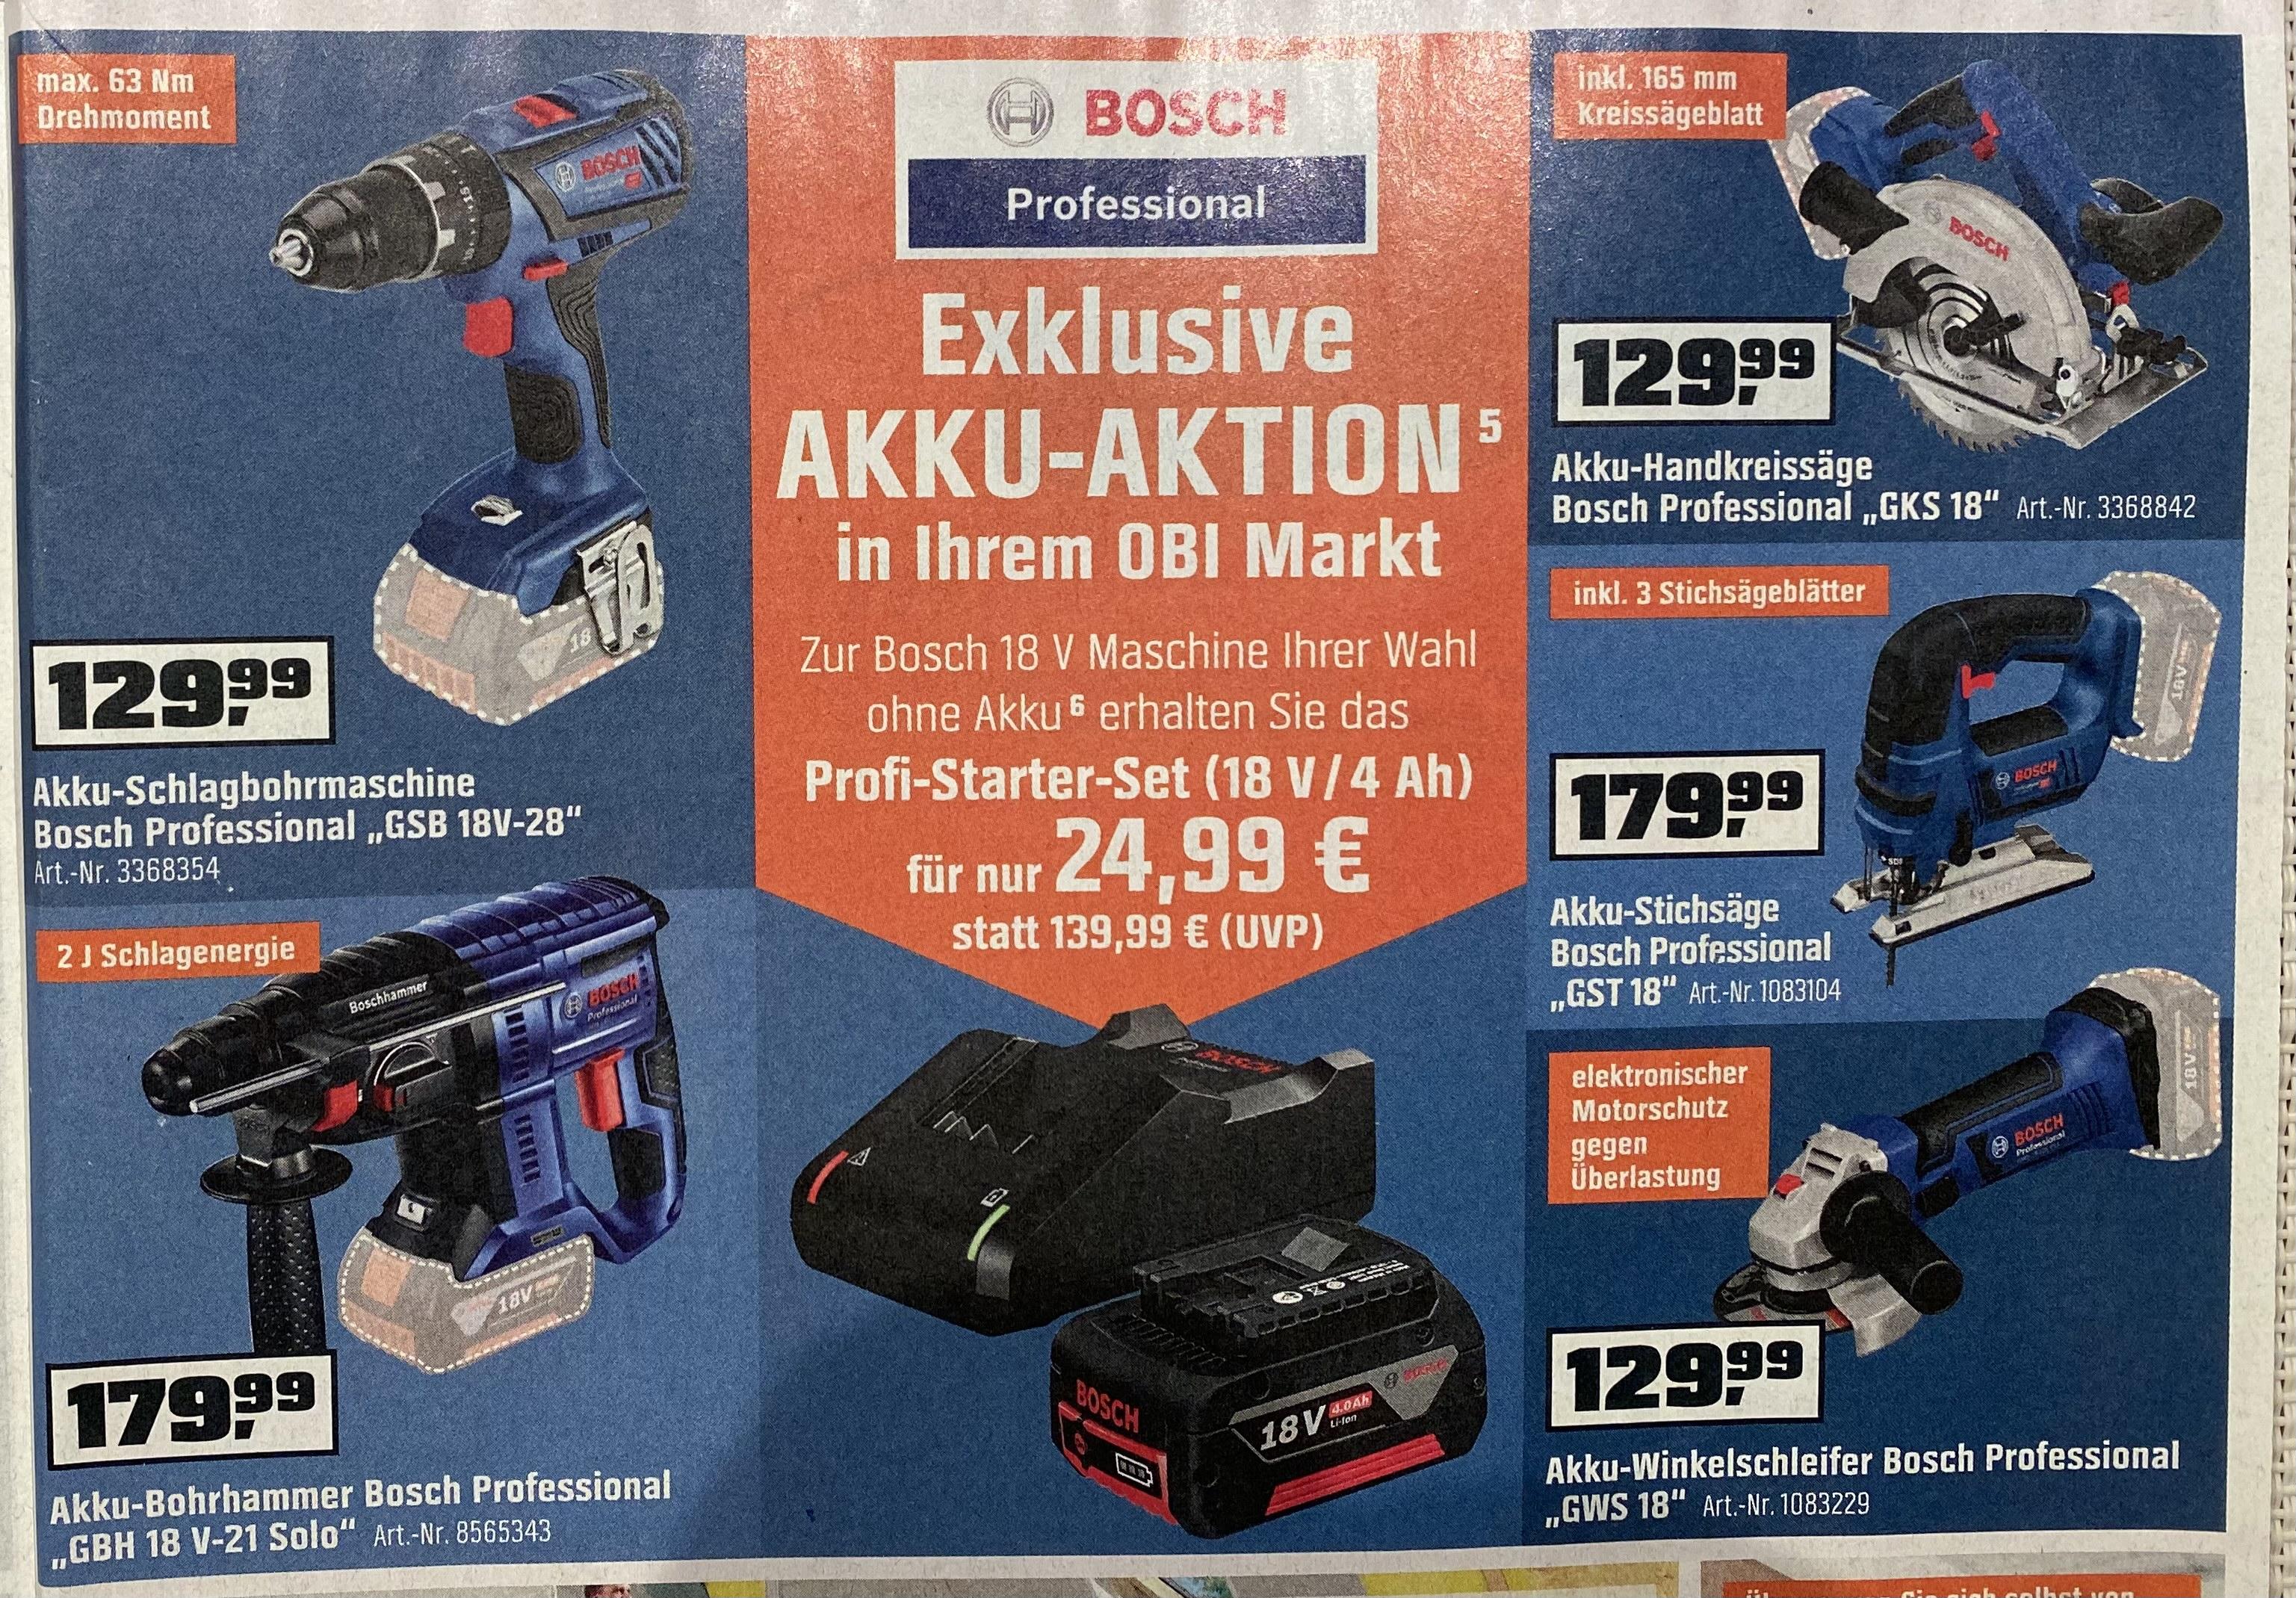 Bosch Profi-Starter Kit für 24,99 beim Kauf eines der abgebildetes Geräte bei Obi